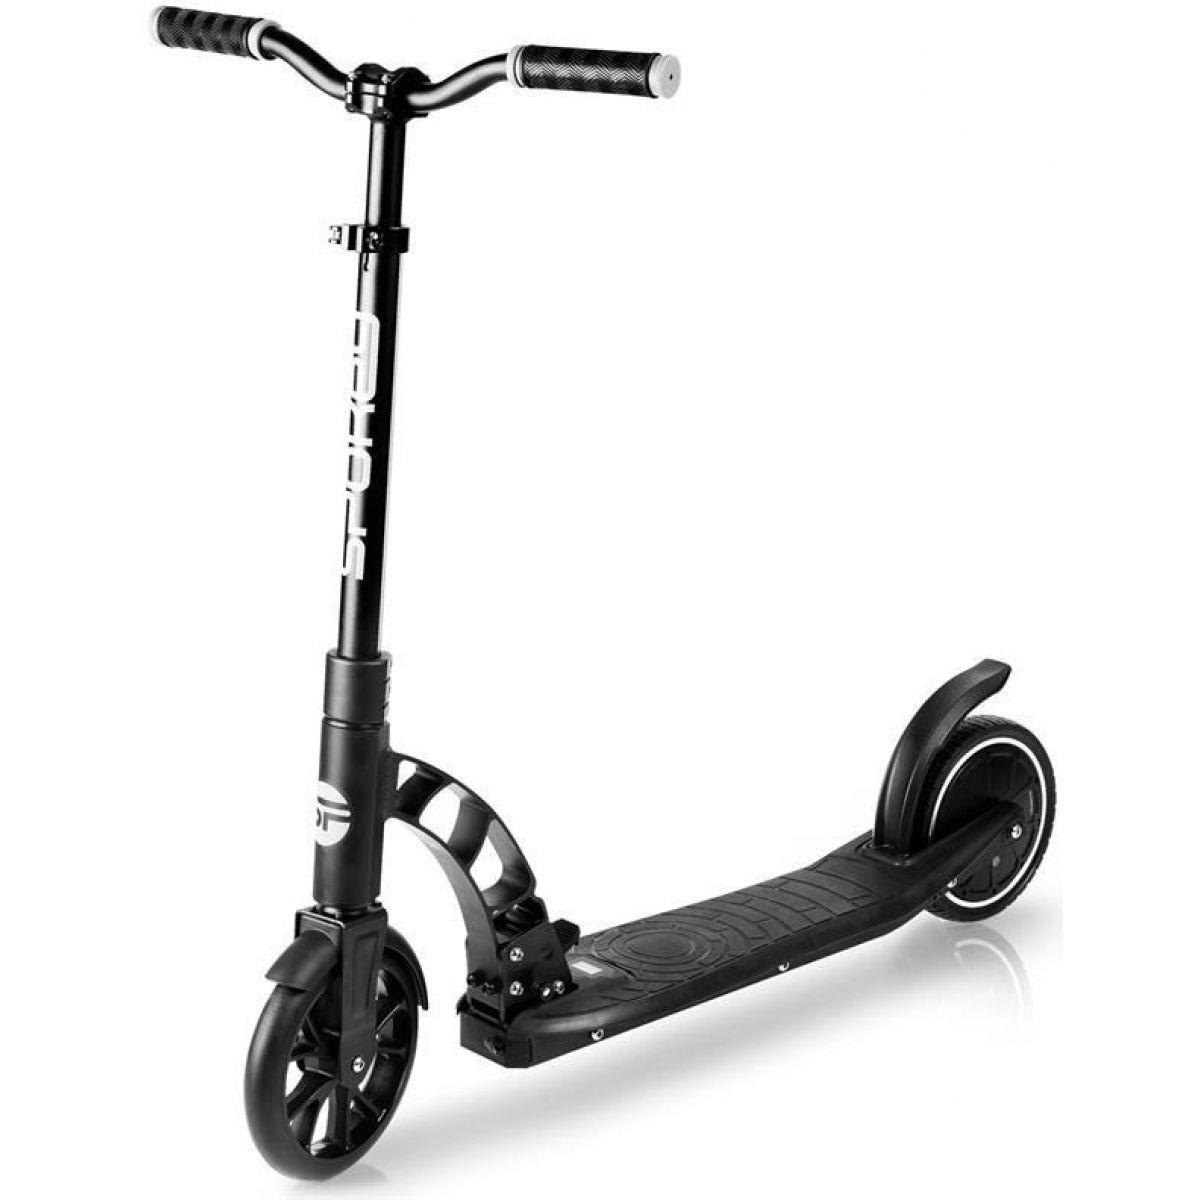 Spokey Mobius Elektrická kolobežka čierna kolieska 8 ' do 100 kg. nožné ovládanie